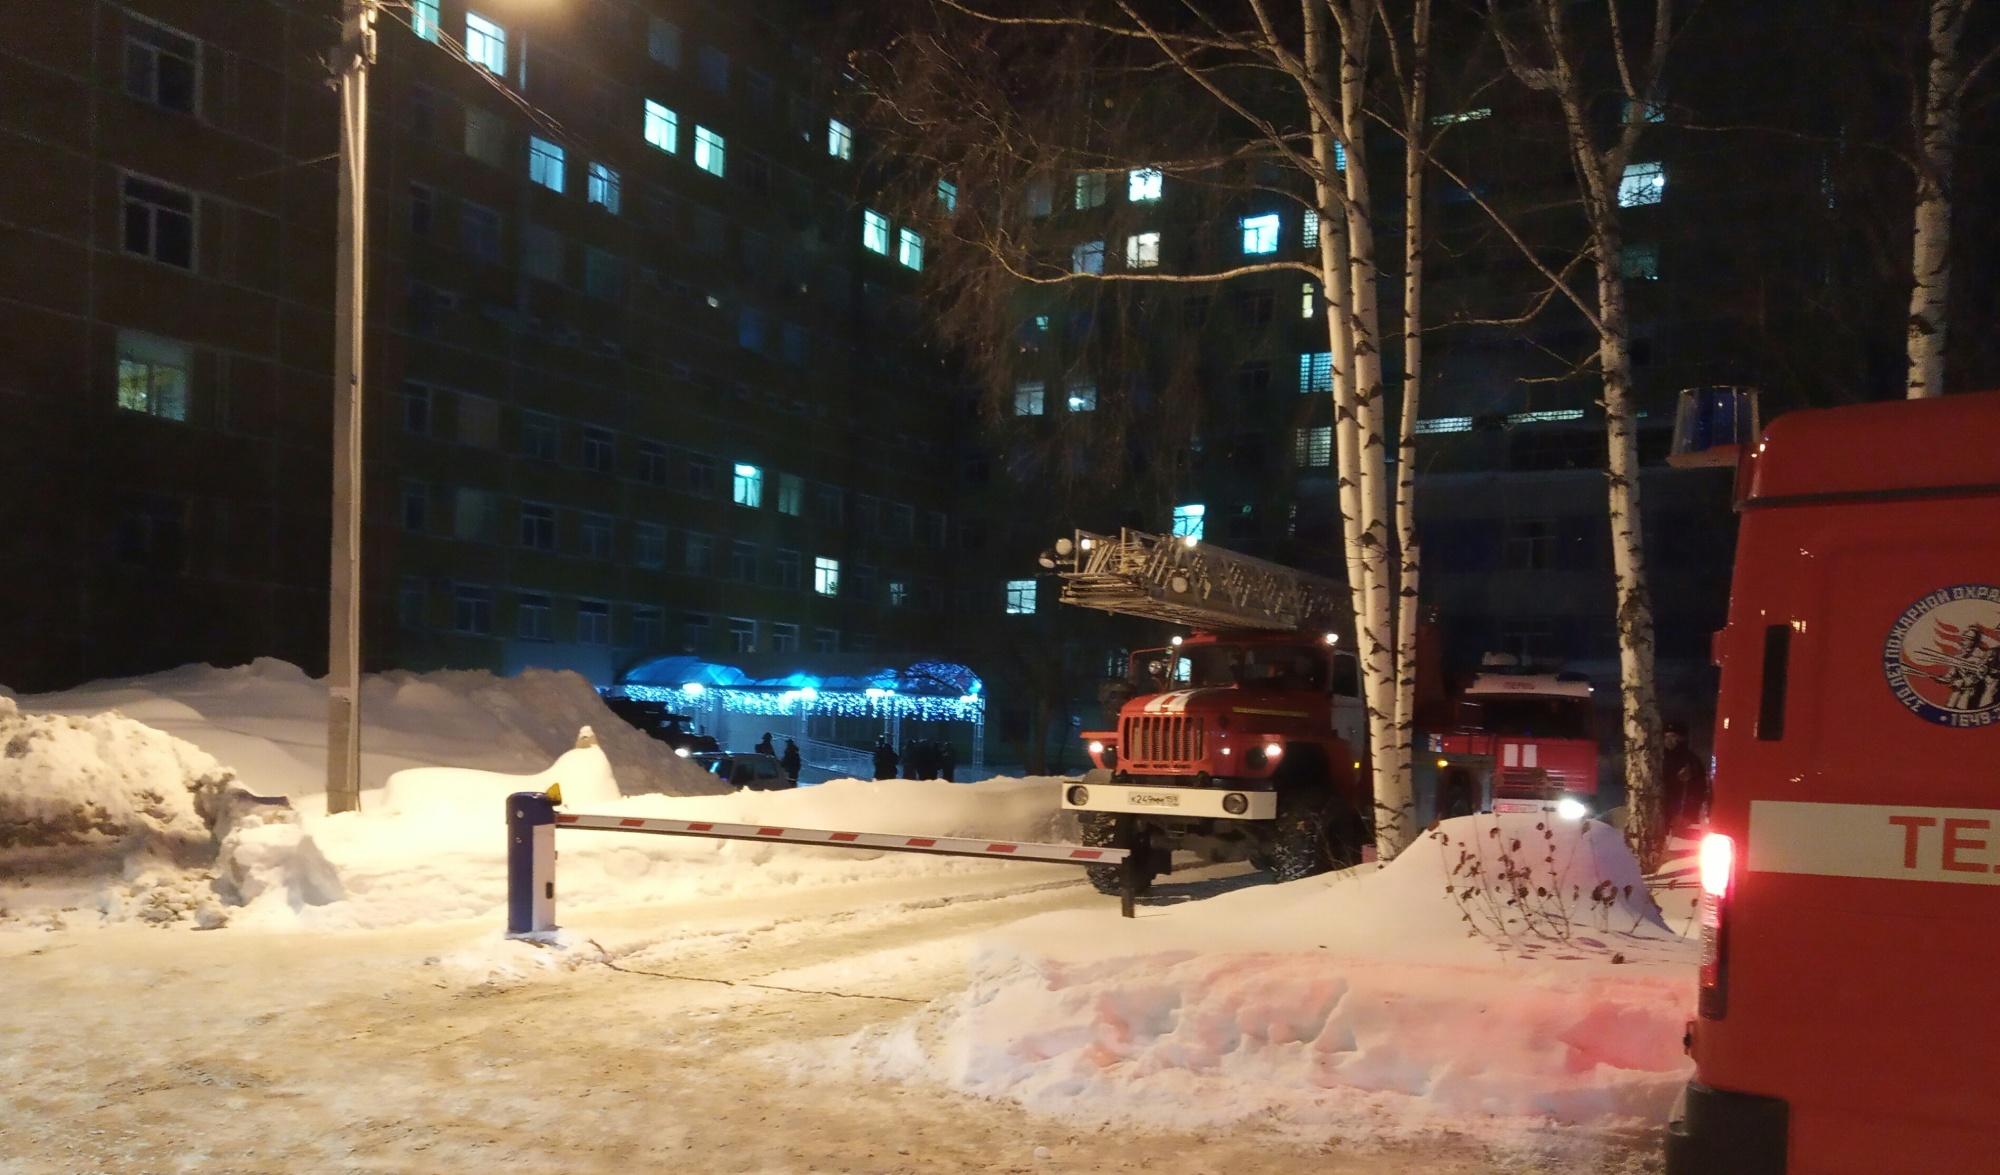 #СтрелецСпас: при пожаре в пермской больнице были успешно эвакуированы 420 человек